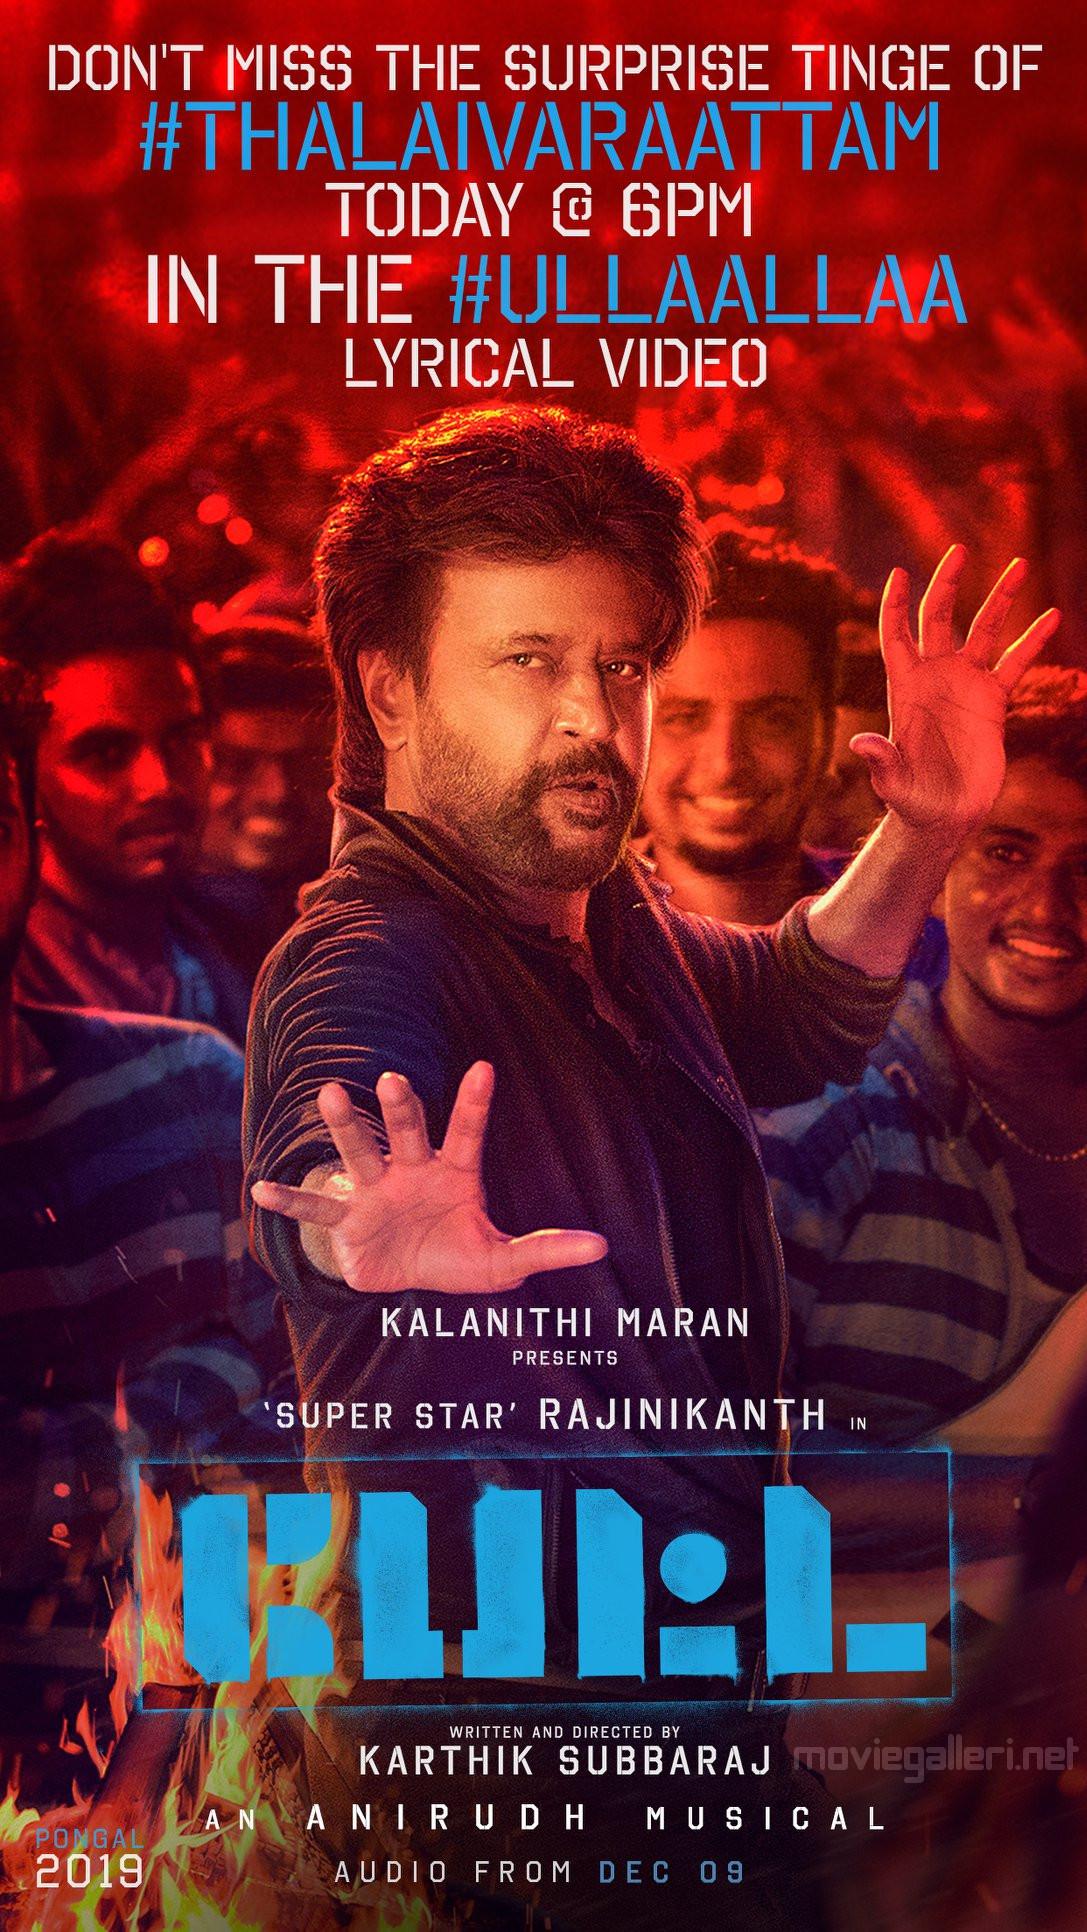 Rajinikanth Petta Movie Second Single Ullaallaa Song Release Today Poster.